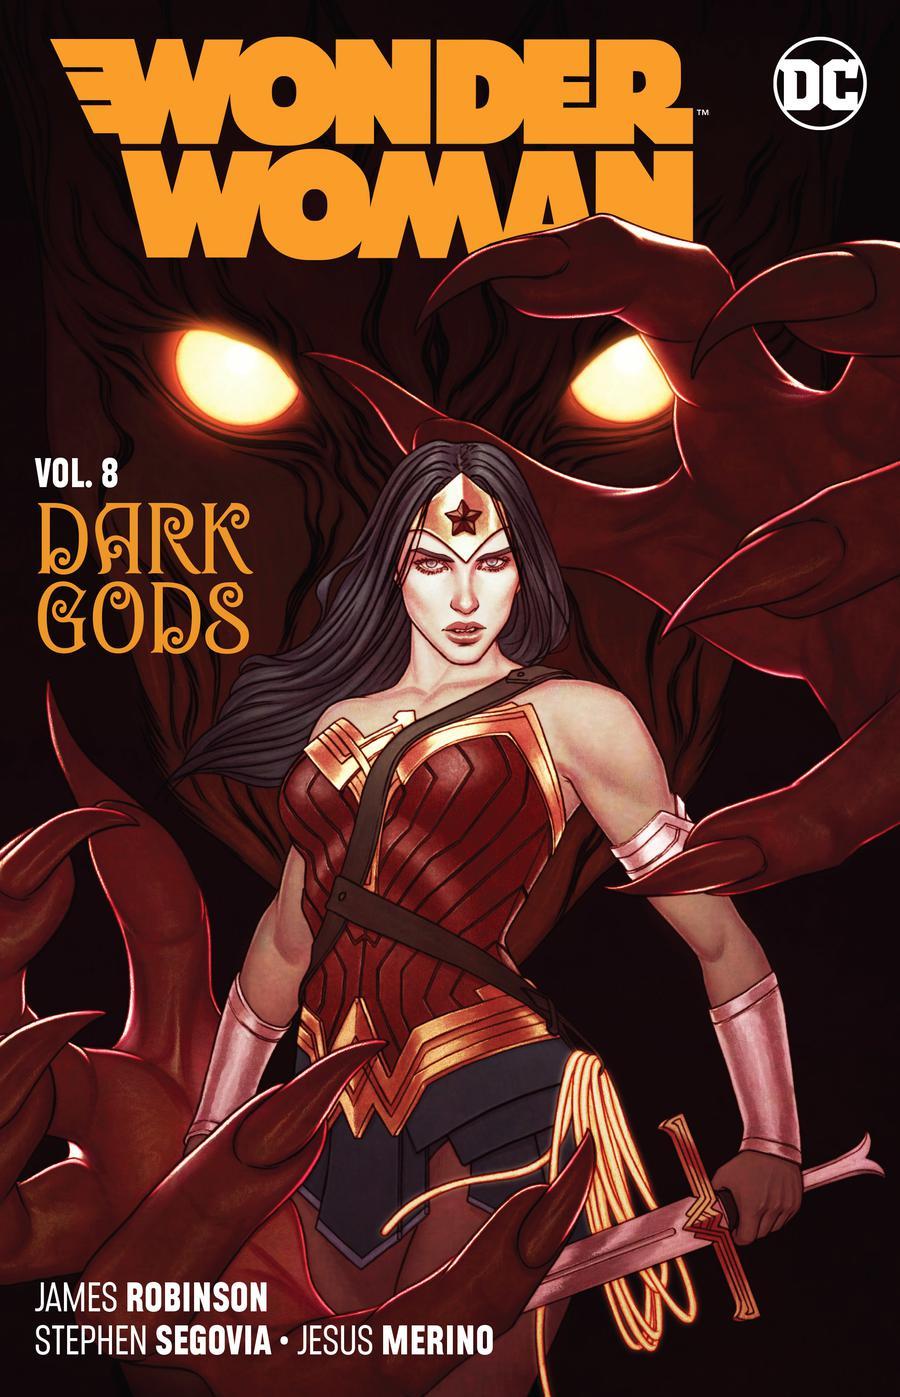 Wonder Woman (Rebirth) Vol 8 Dark Gods TP